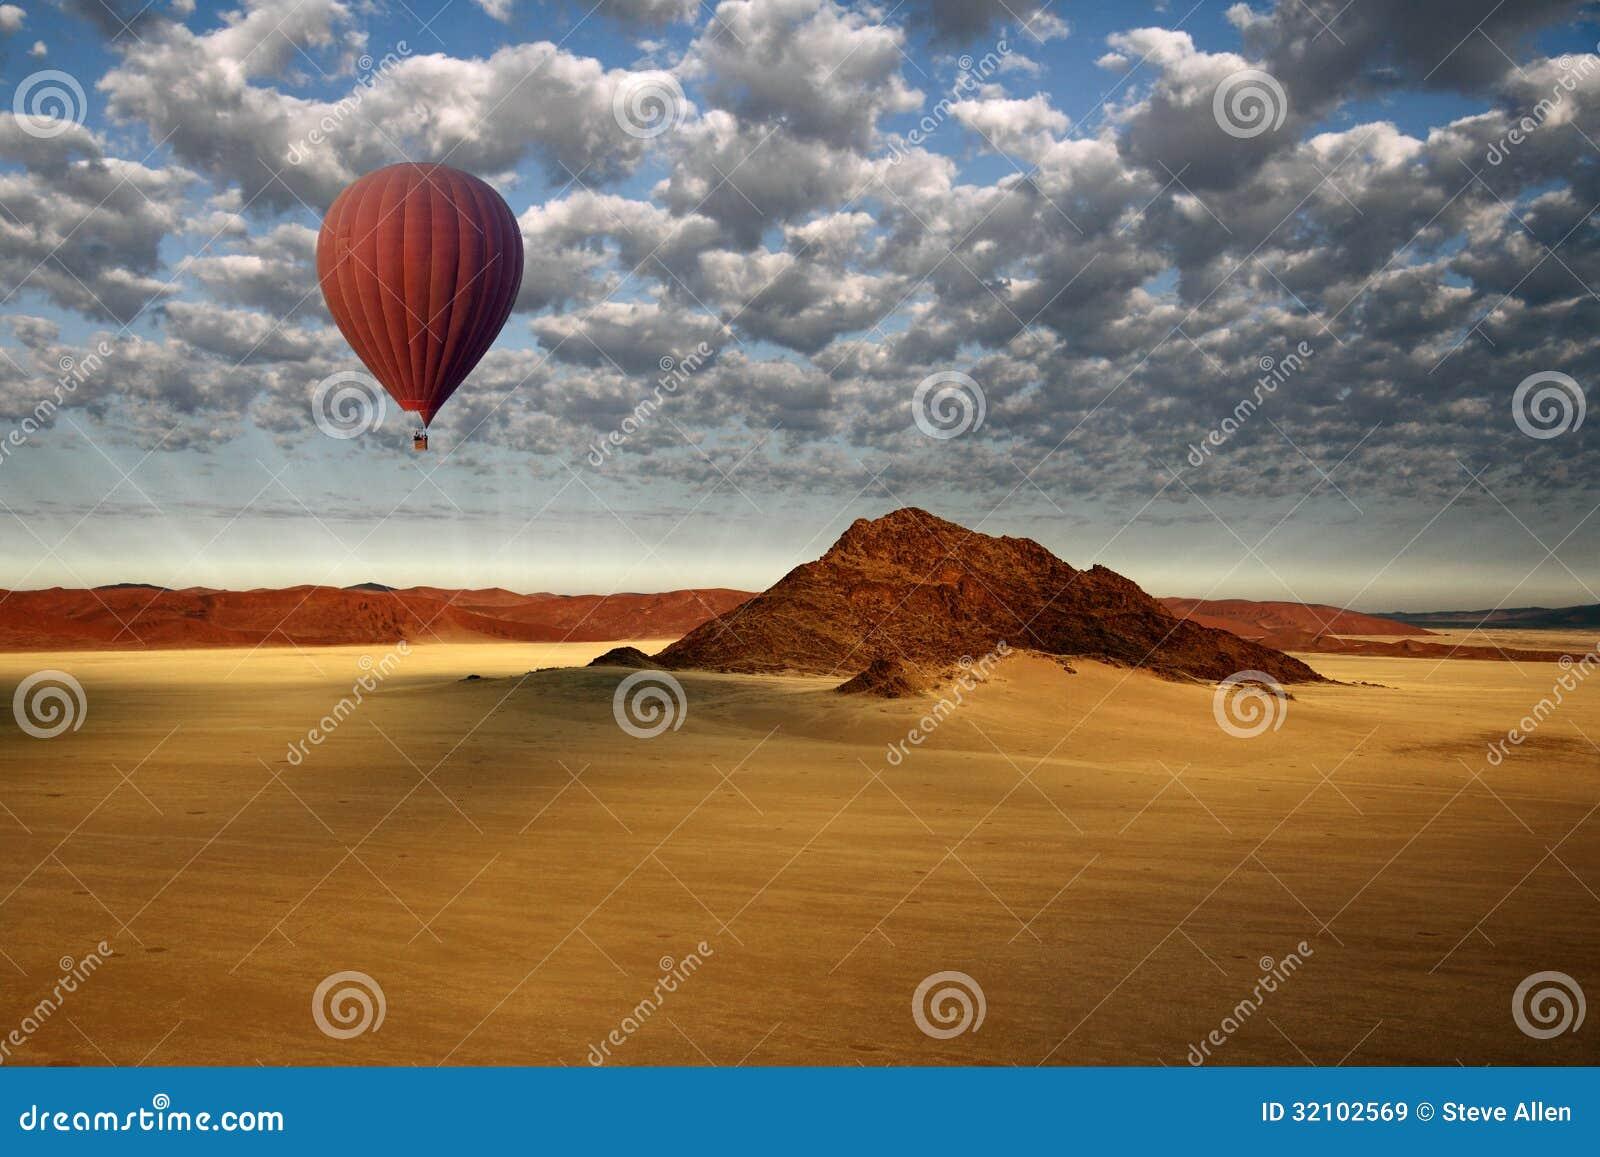 Ballon à air chaud - Sossusvlei - Namibie